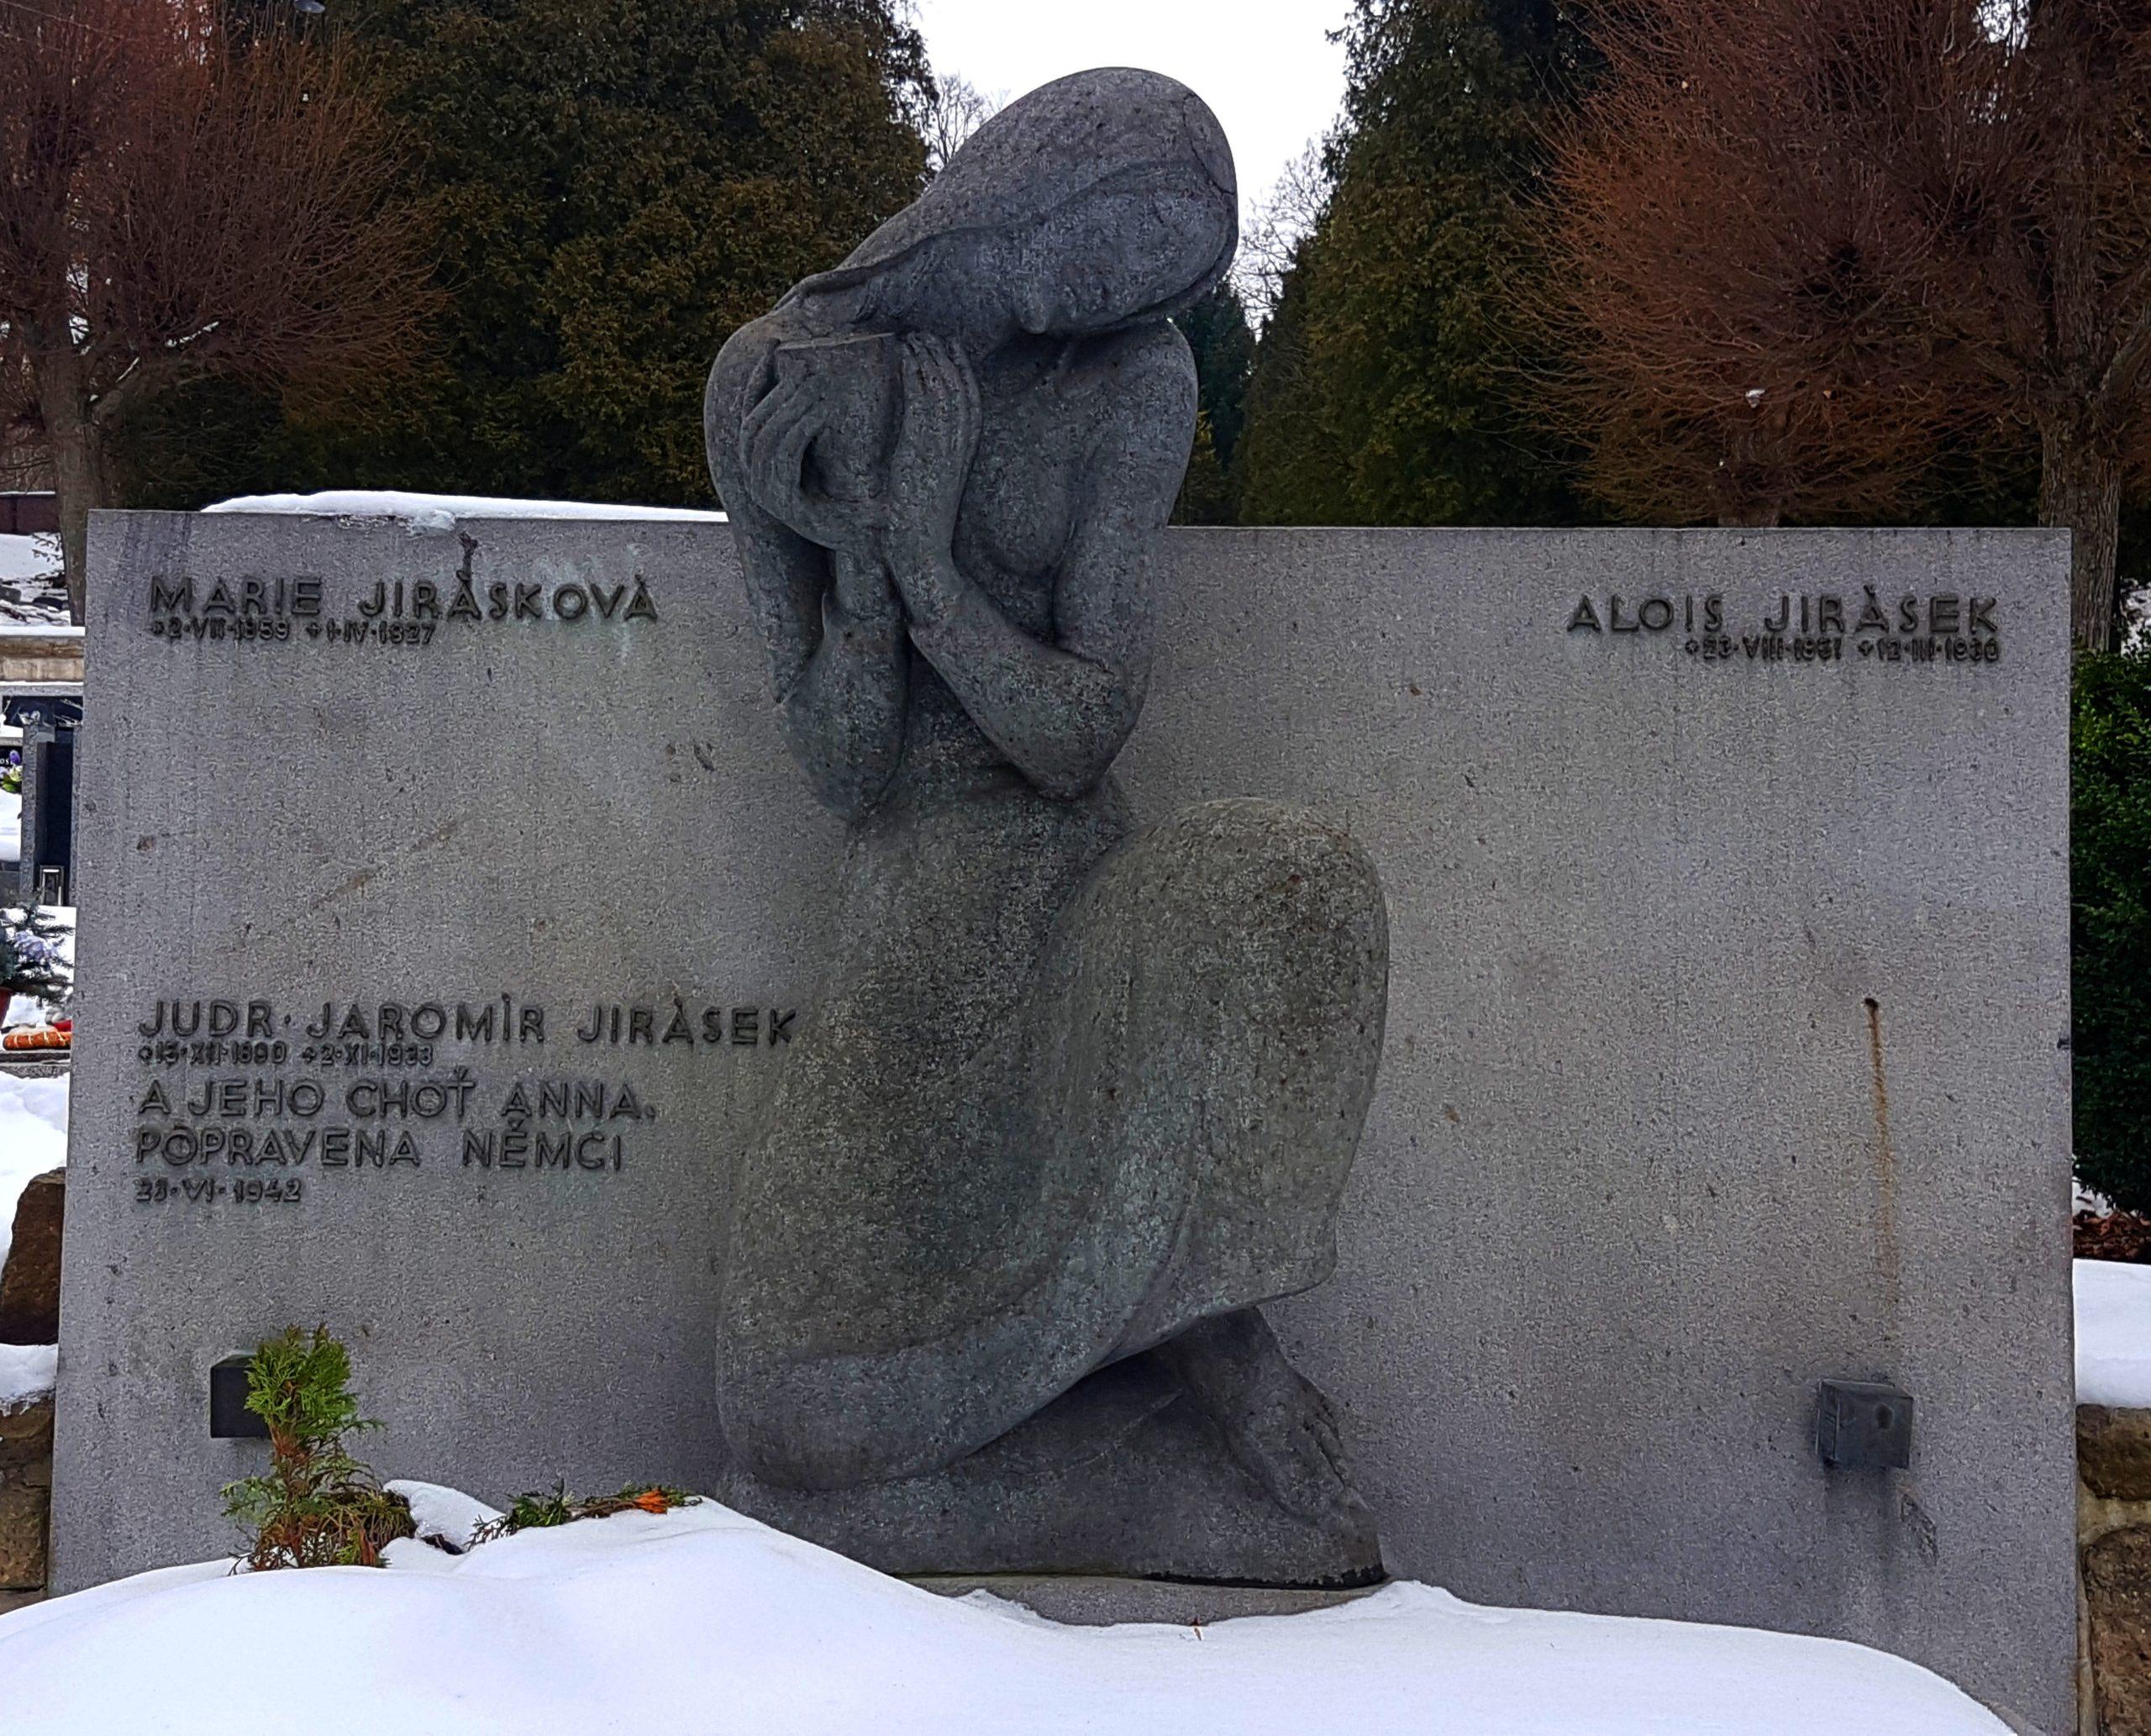 Jiráskův hrob v Hronově